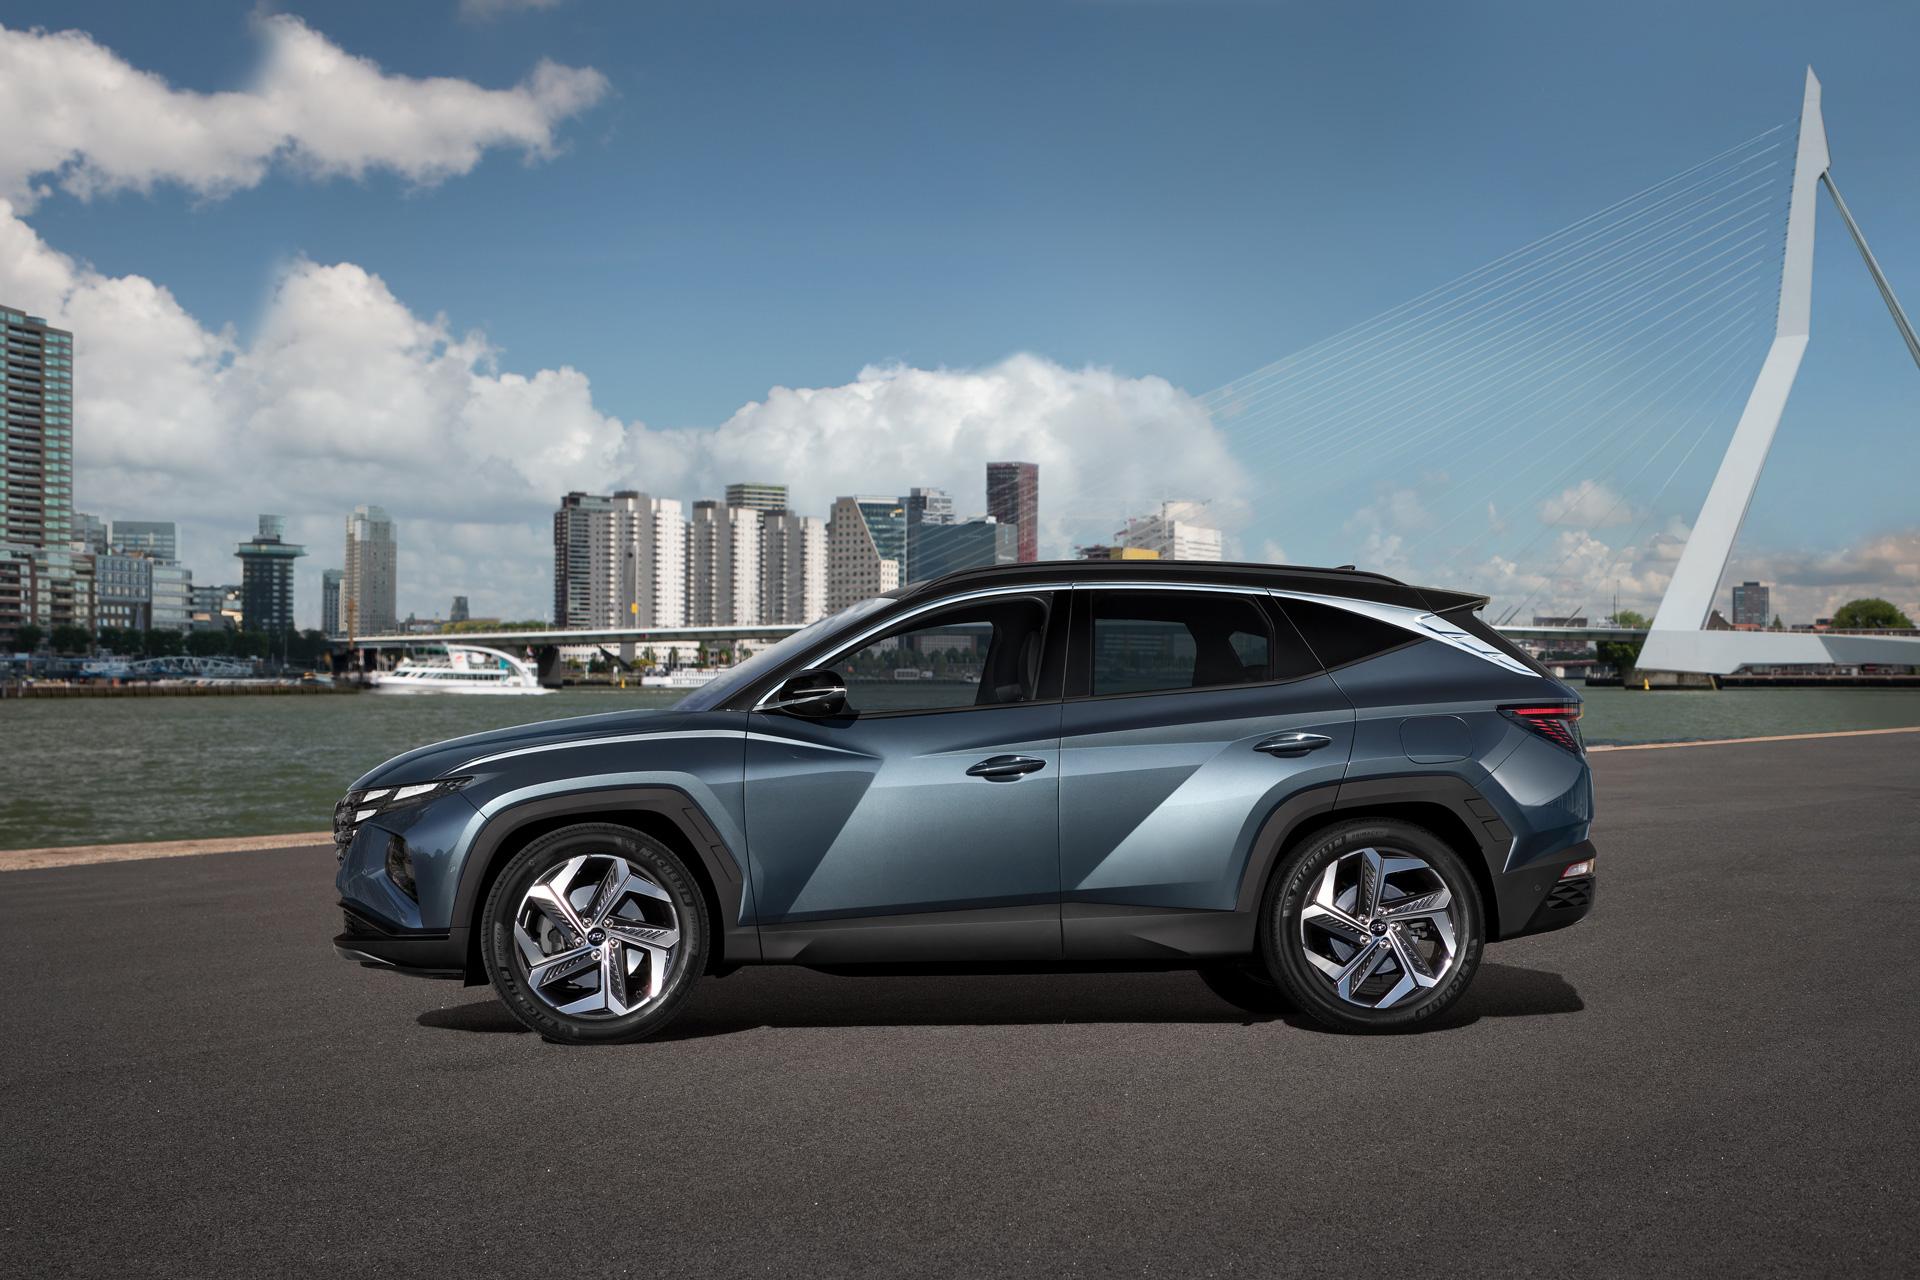 Ny Hyundai Tucson set fra siden